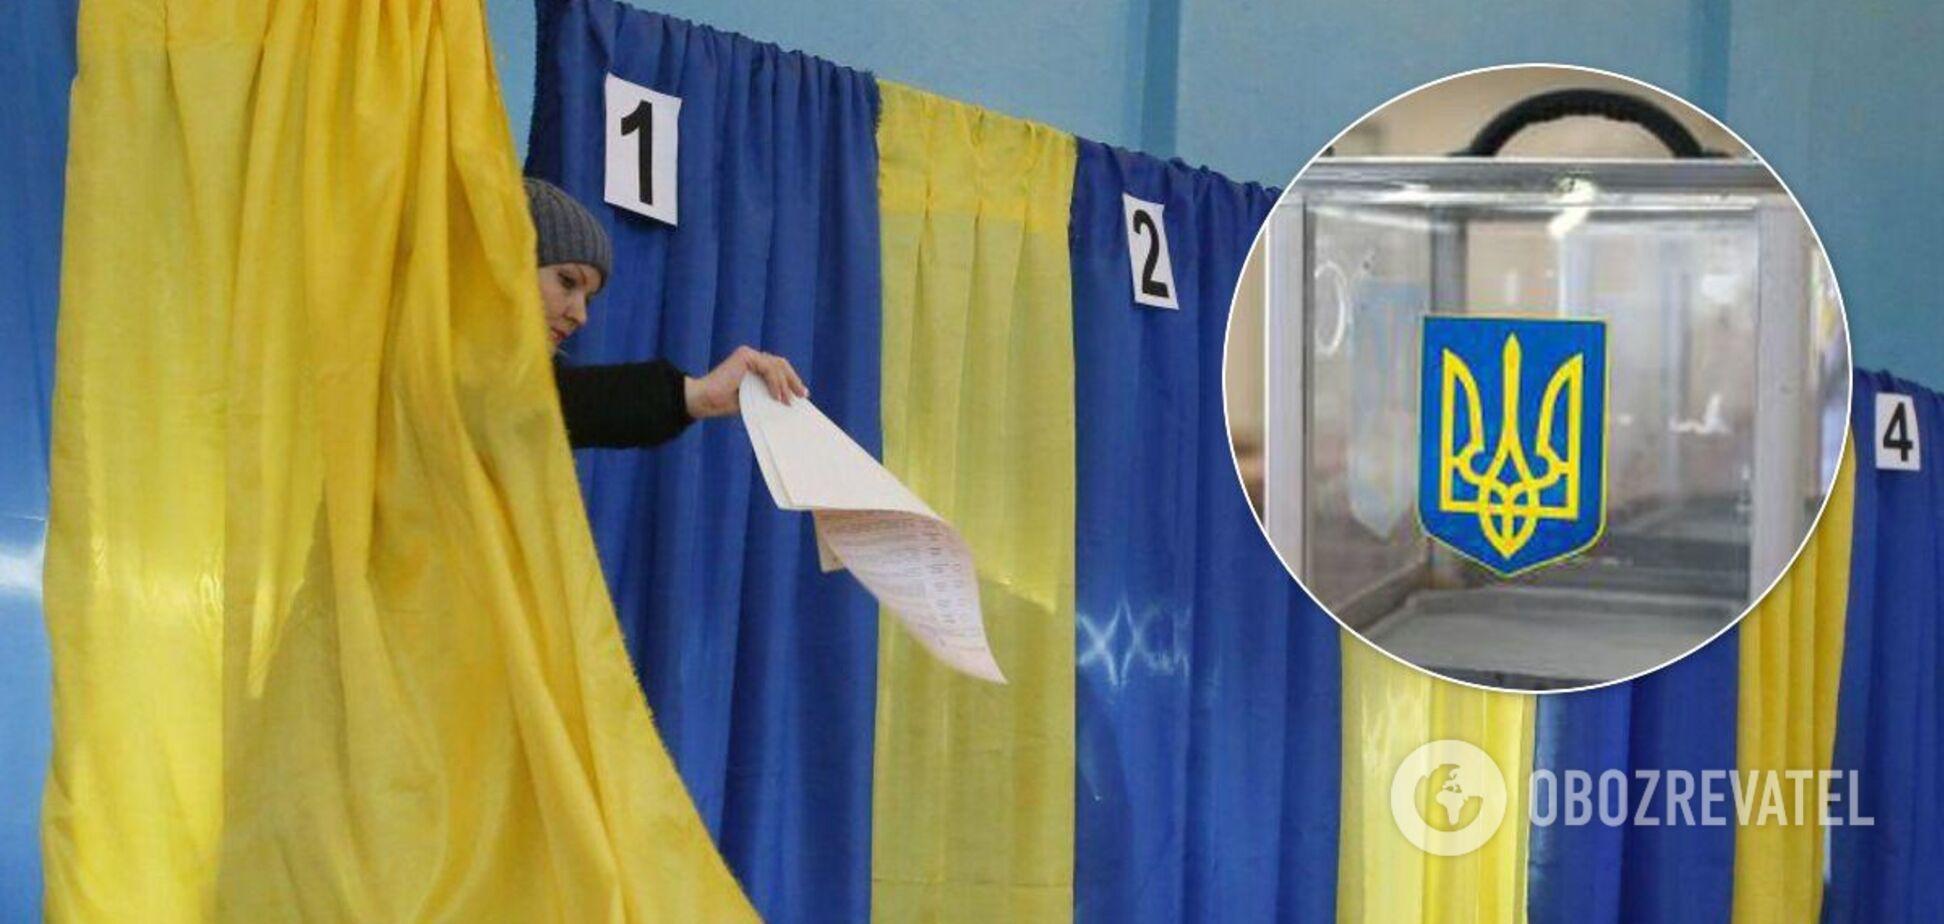 Референдум как граната в руках популистов и невежд